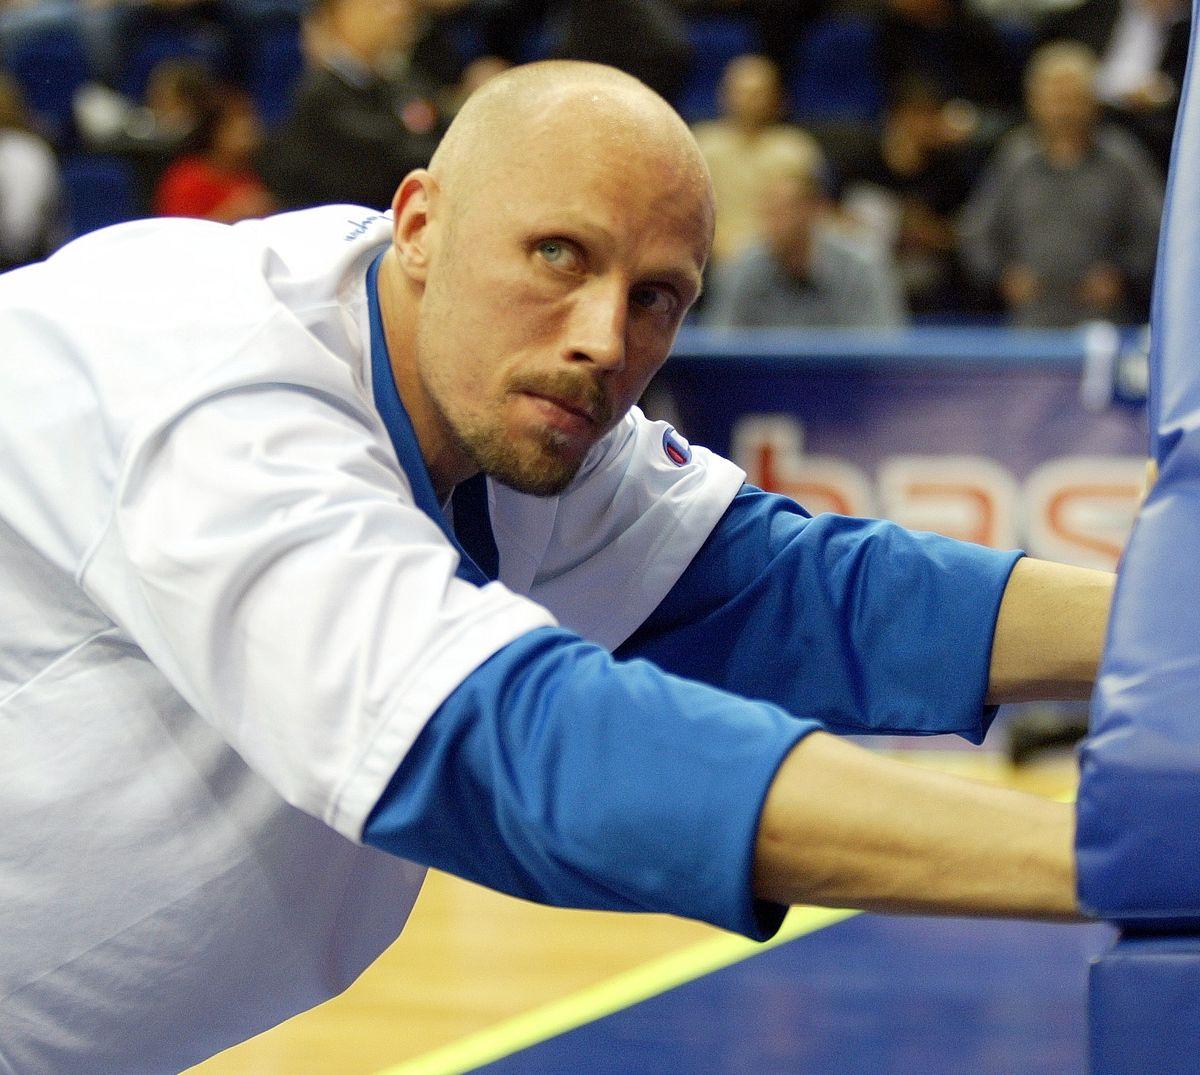 Экс-баскетболист сборной России составит компанию Кокорину и Мамаеву в тюрьме